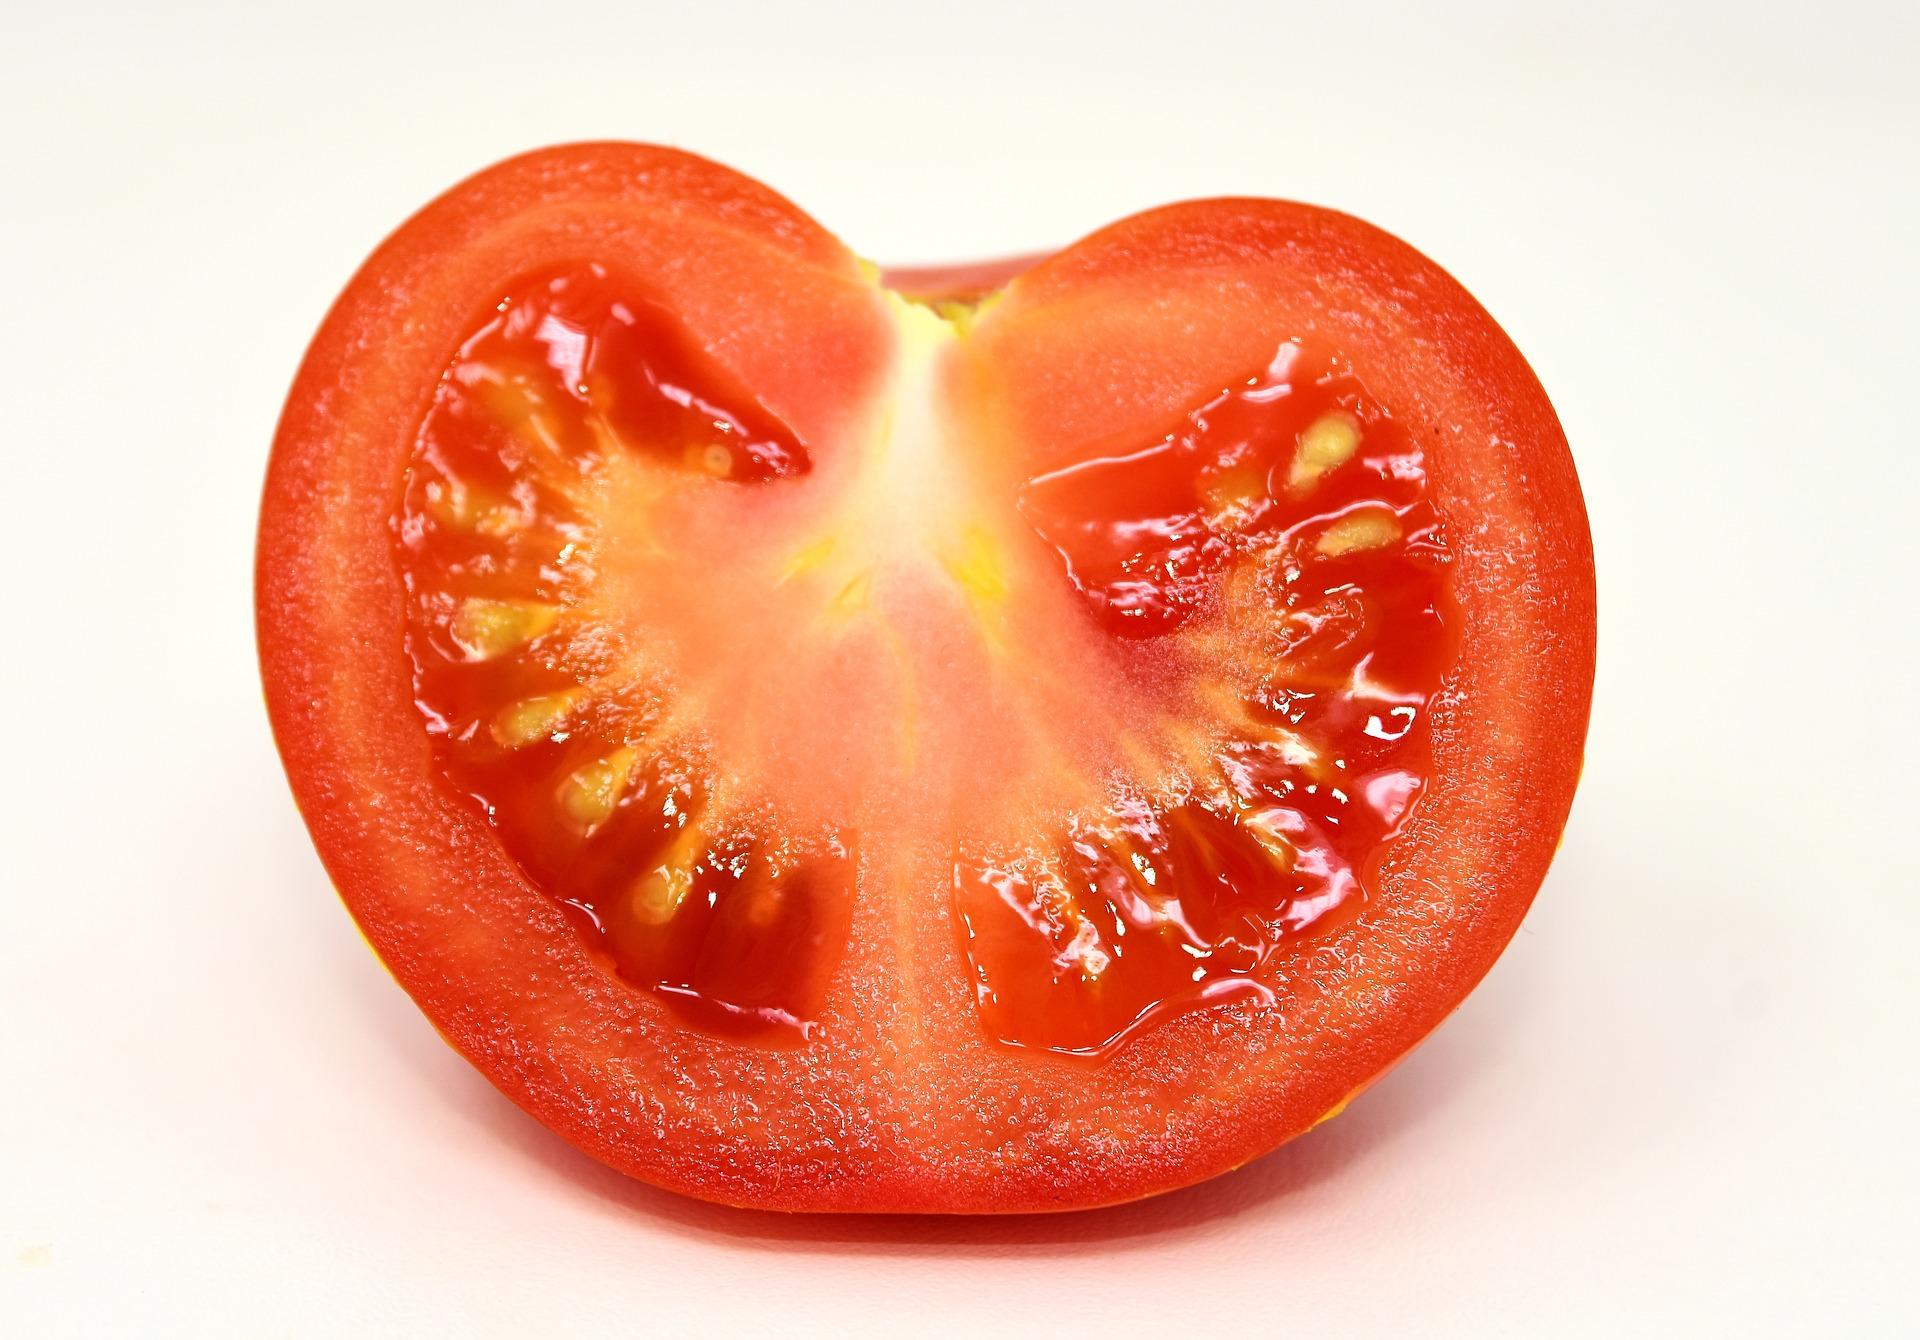 томат белый налив отзывы